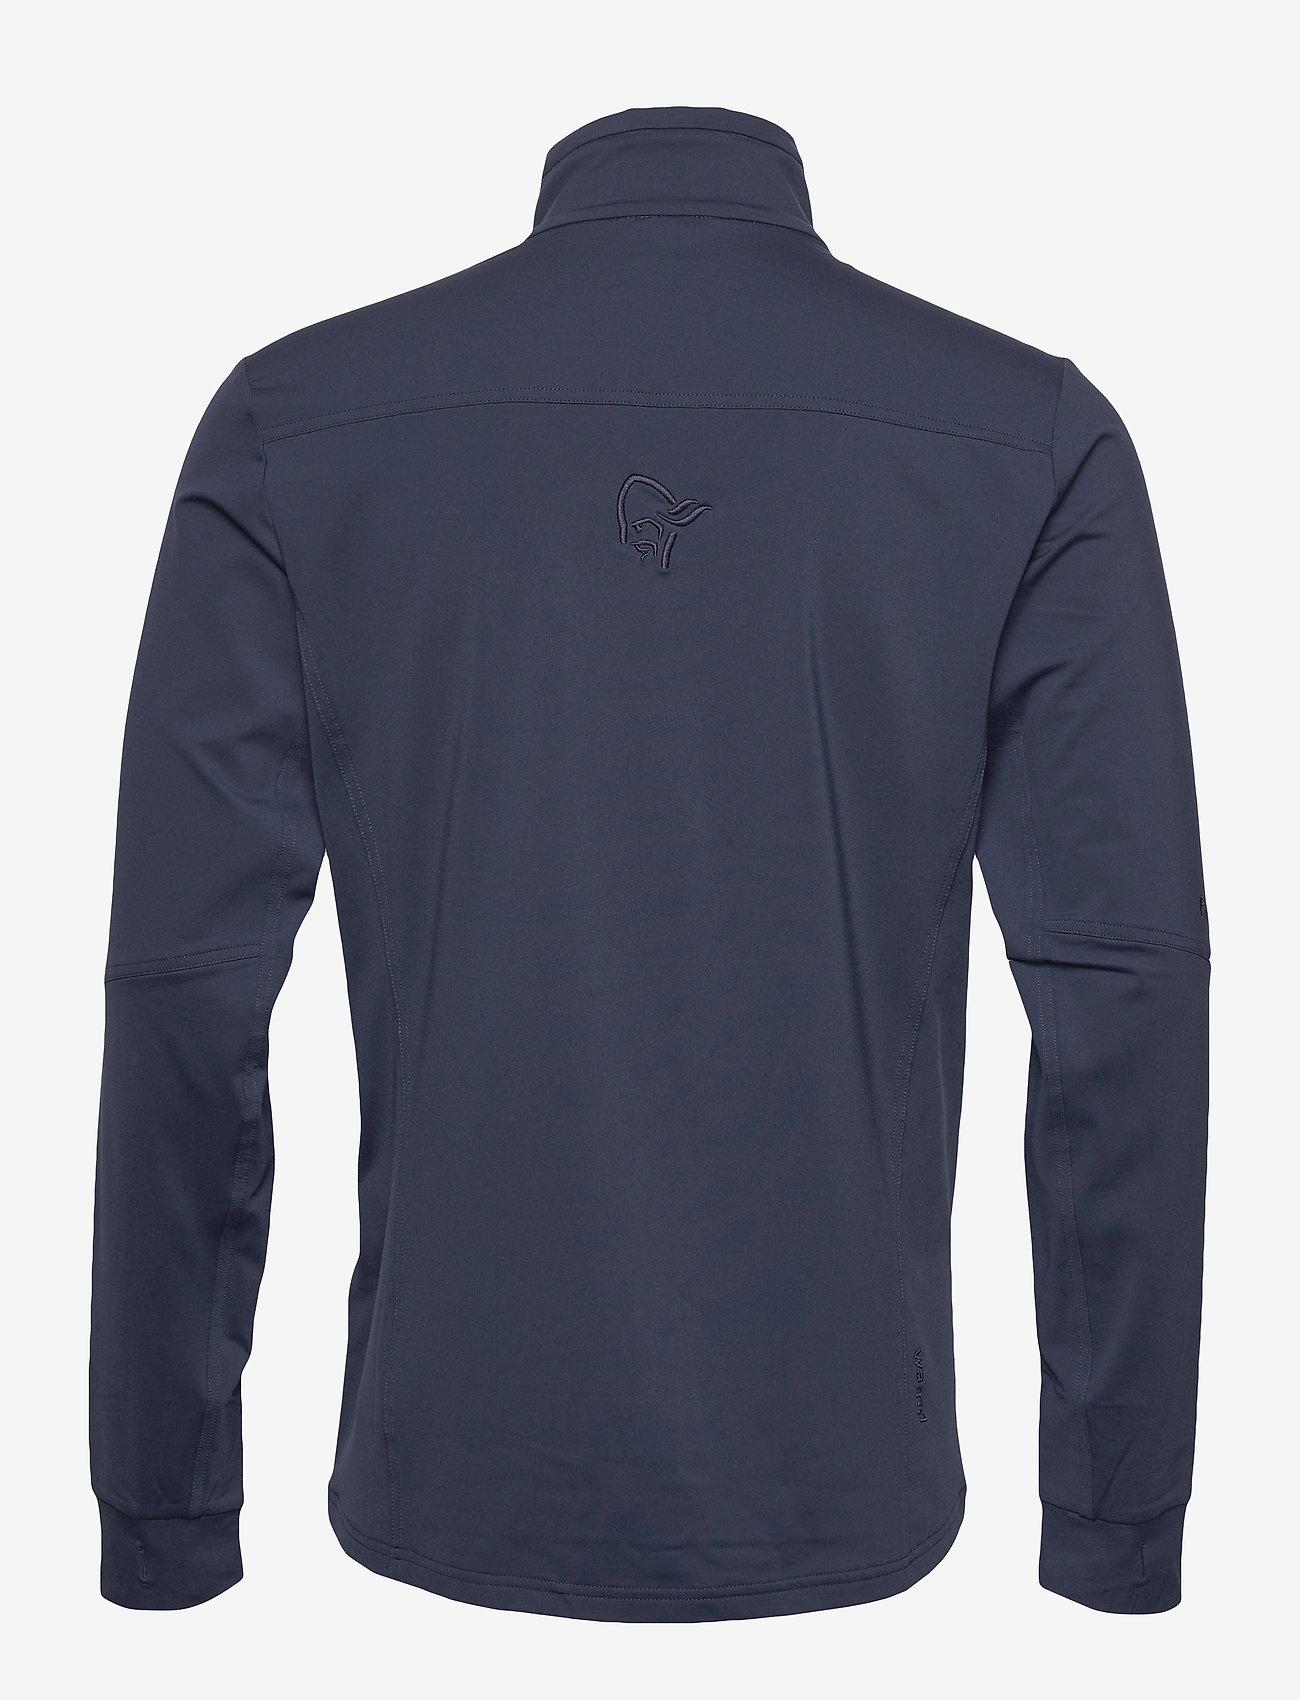 Norrøna - falketind warm1 stretch Jacket M's - fleece midlayer - indigo night - 1